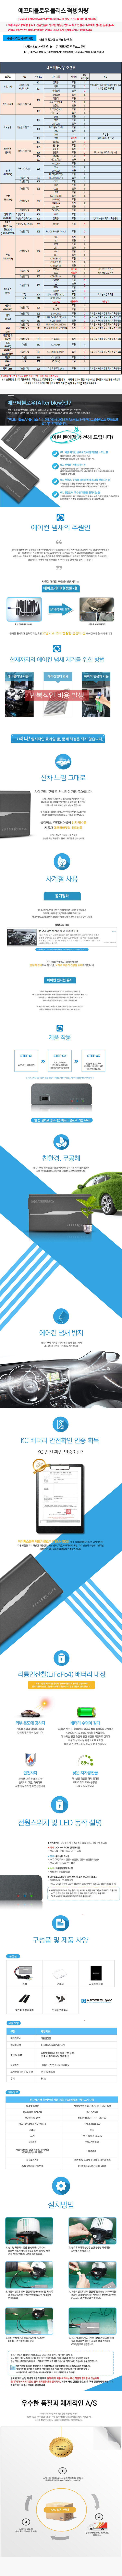 [아이트로닉스]아이패스블랙 차량용 에어컨 에바포레이터 습기 건조기,애프터블로우 ITBM-100플러스 직매장 무료장착